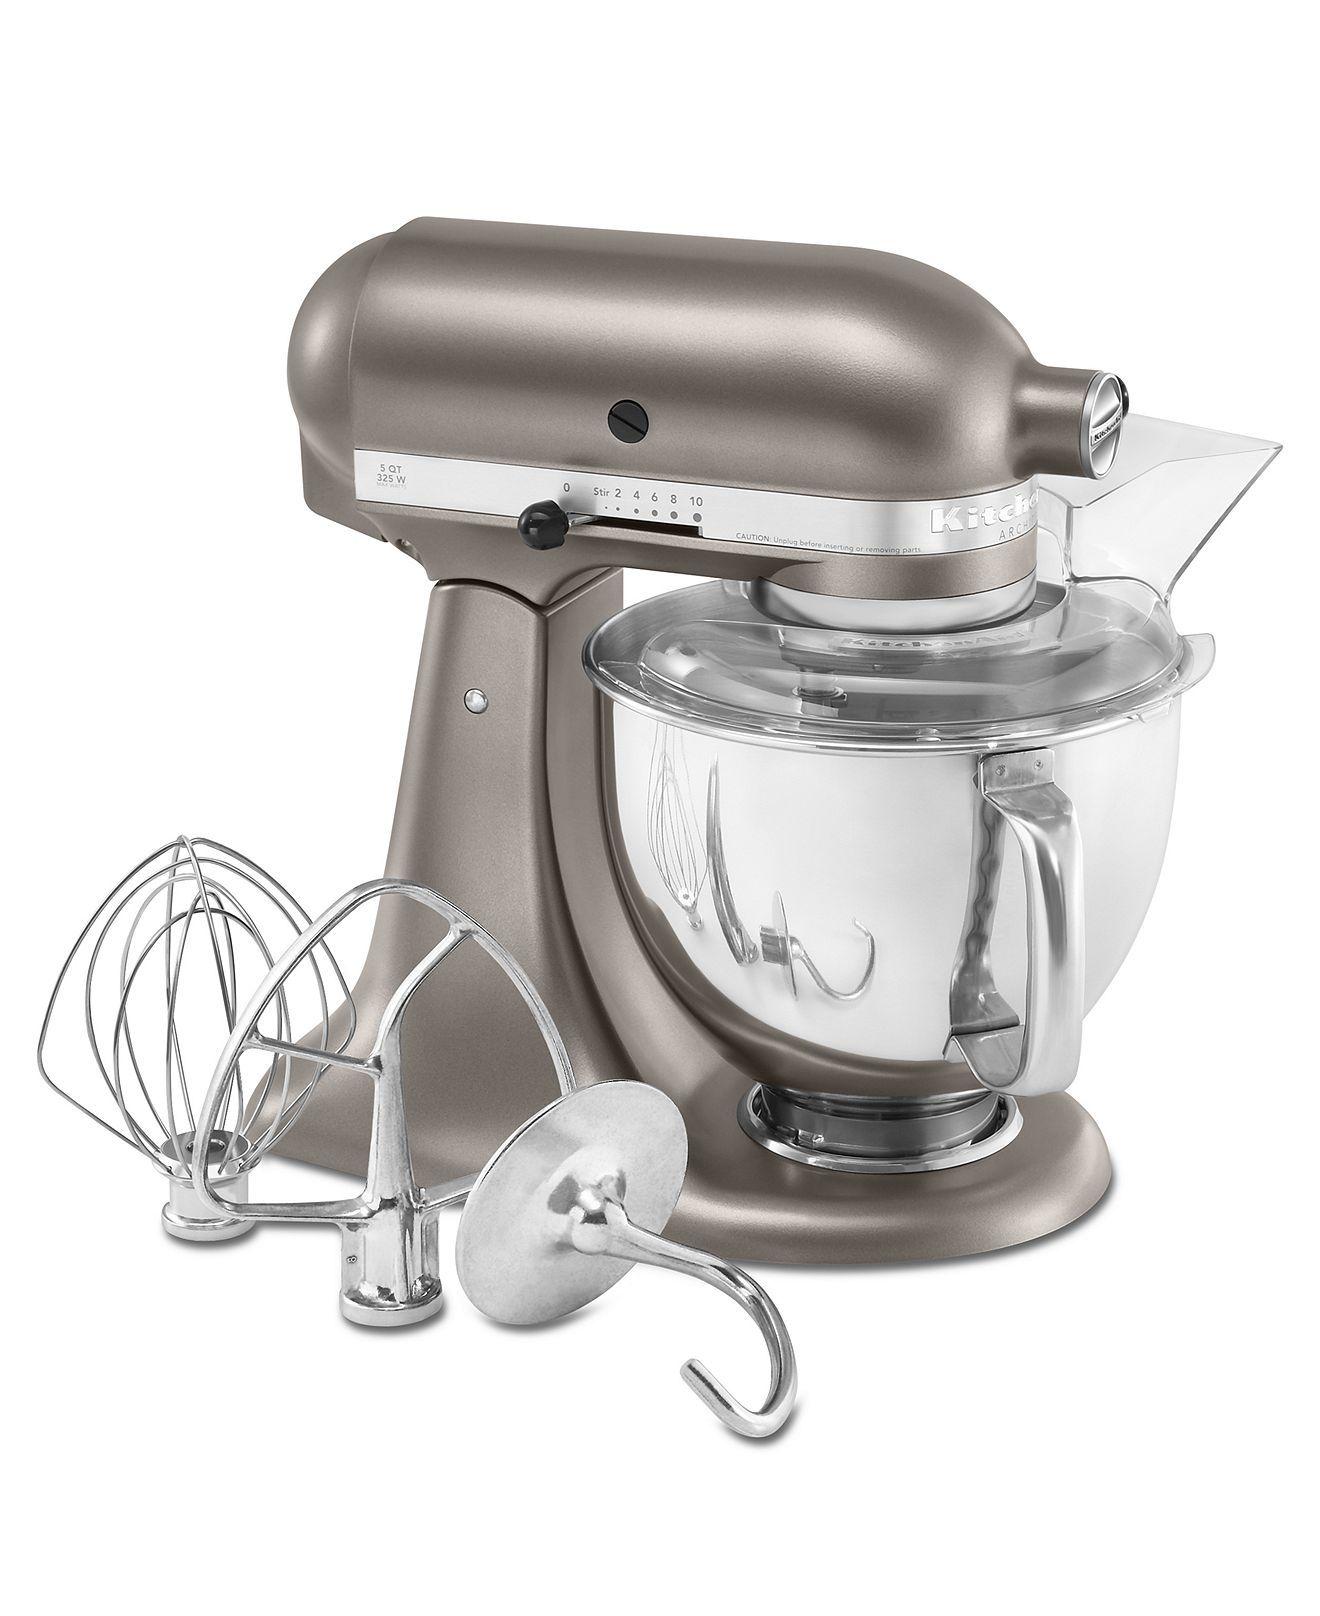 KSM150APS 5-Qt Architect Series Tilt-Head Stand Mixer | My ... on 6 qt crockpot, kitchenaid professional mixer, 6 qt kettle, kitchenaid pro 500 mixer, 6 qt ice cream maker,